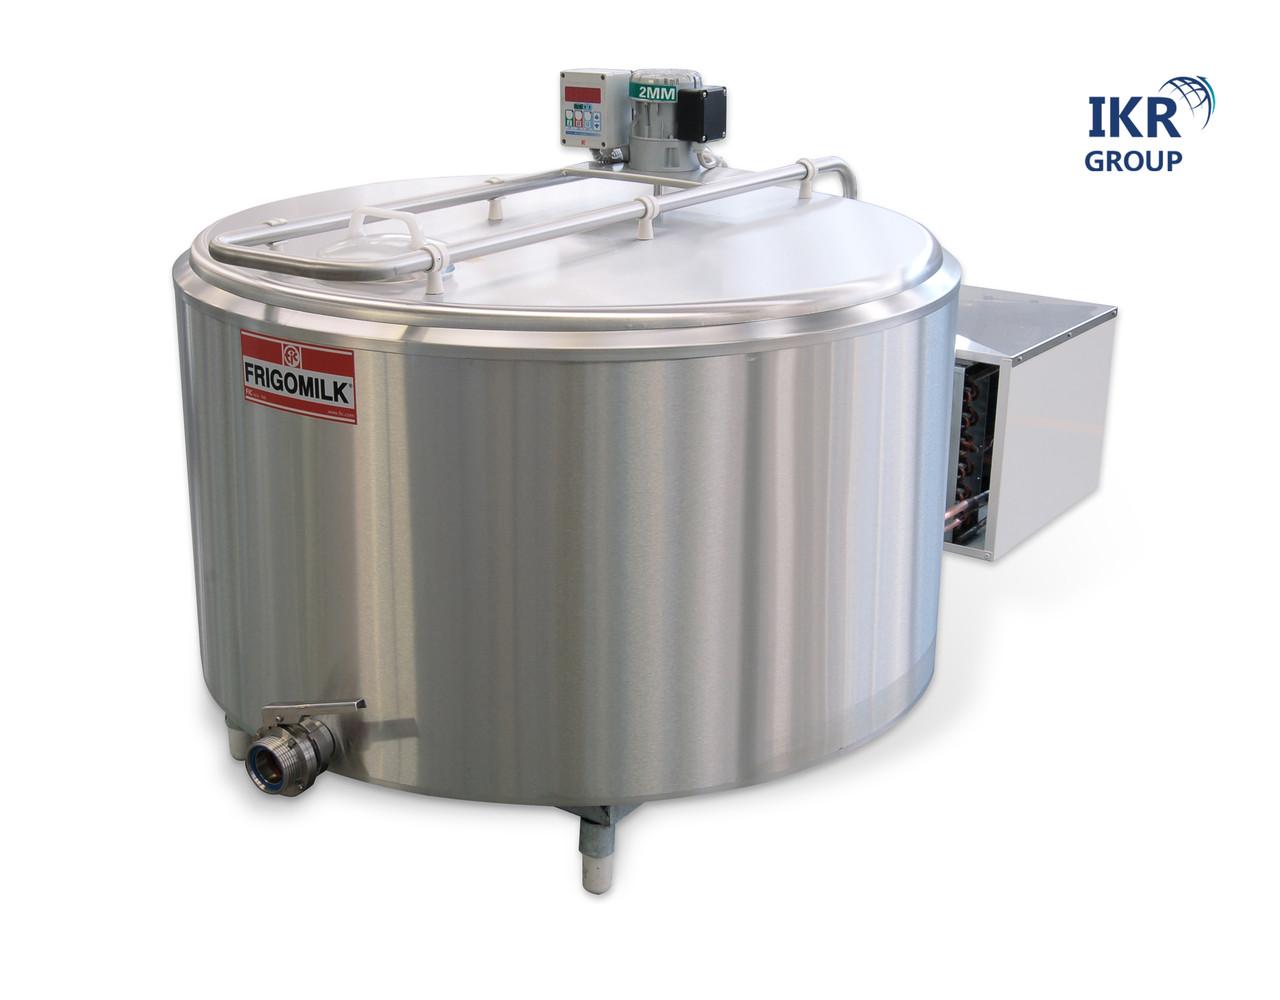 Охладитель молока новый Frigomilk G4 объемом 1600 литров